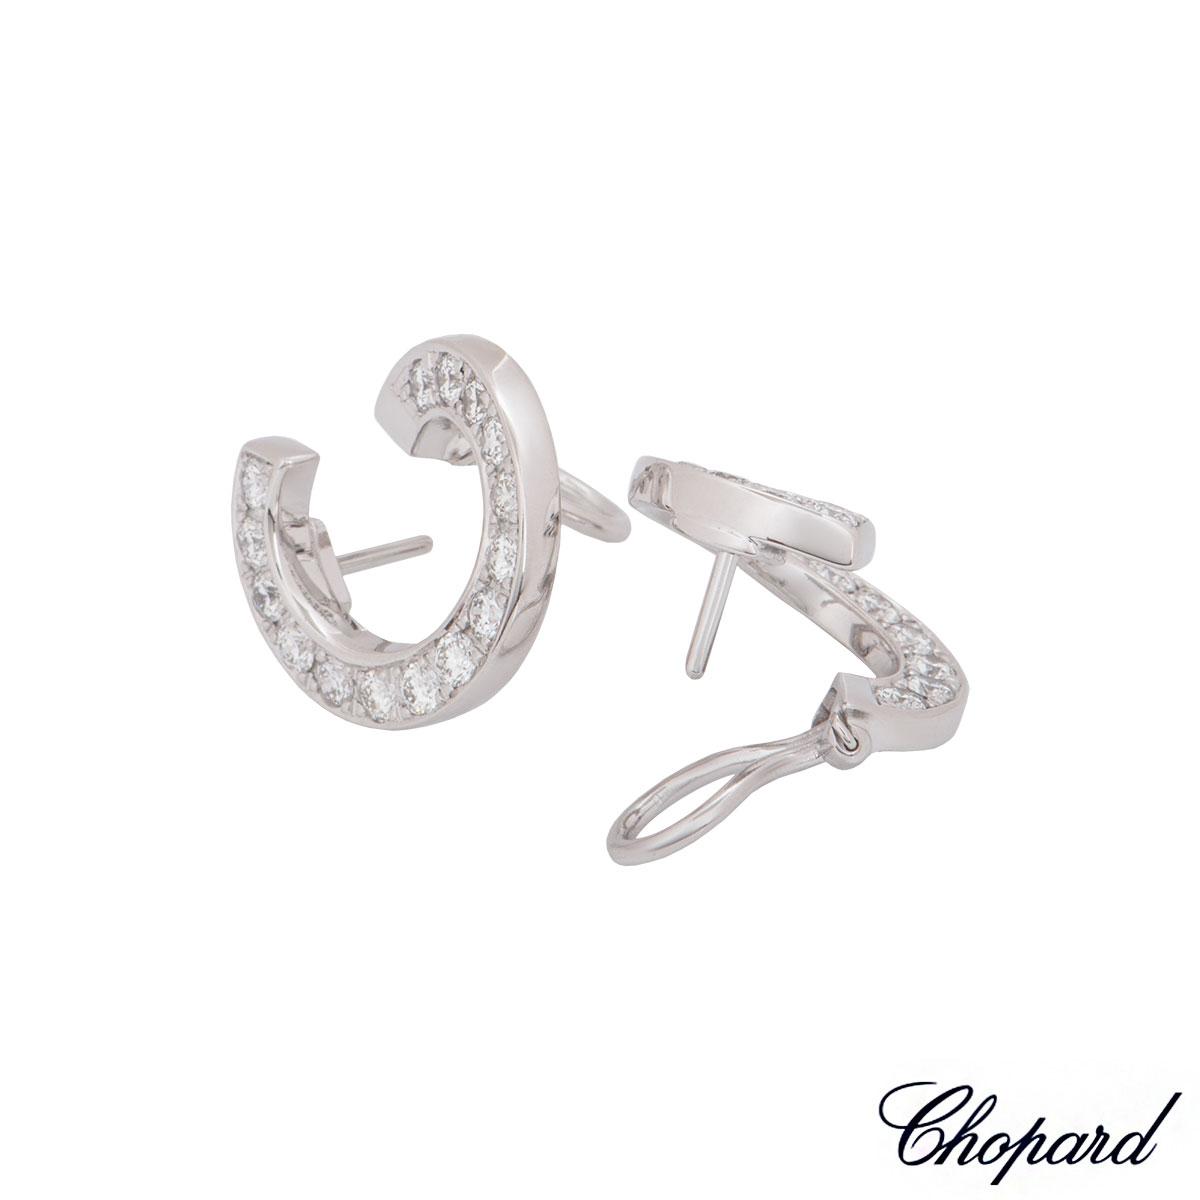 Chopard White Gold Diamond Hoop Earrings